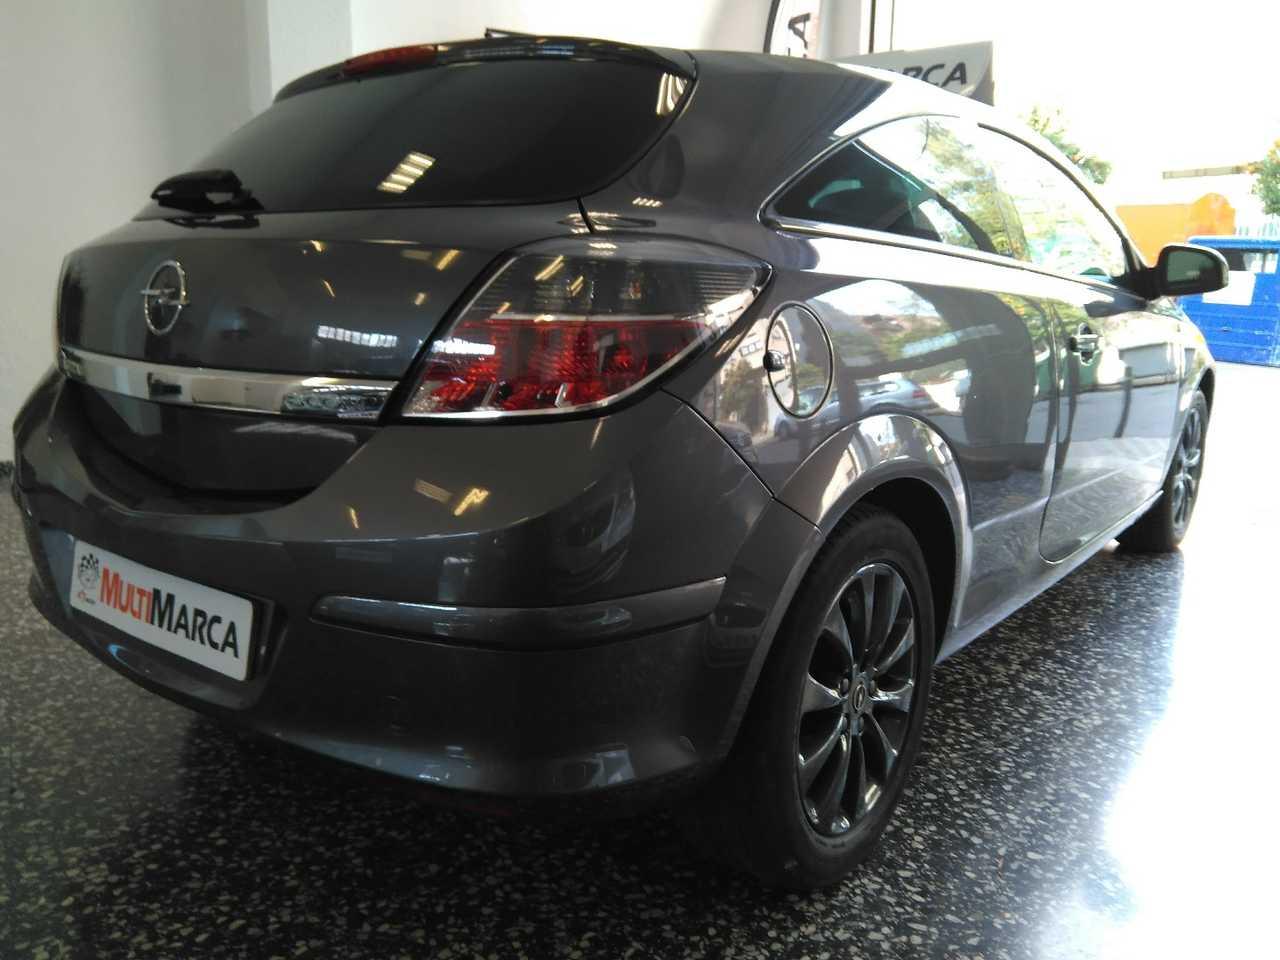 Opel Astra GTC 1.7 CDTI ECOFLEX   - Foto 1